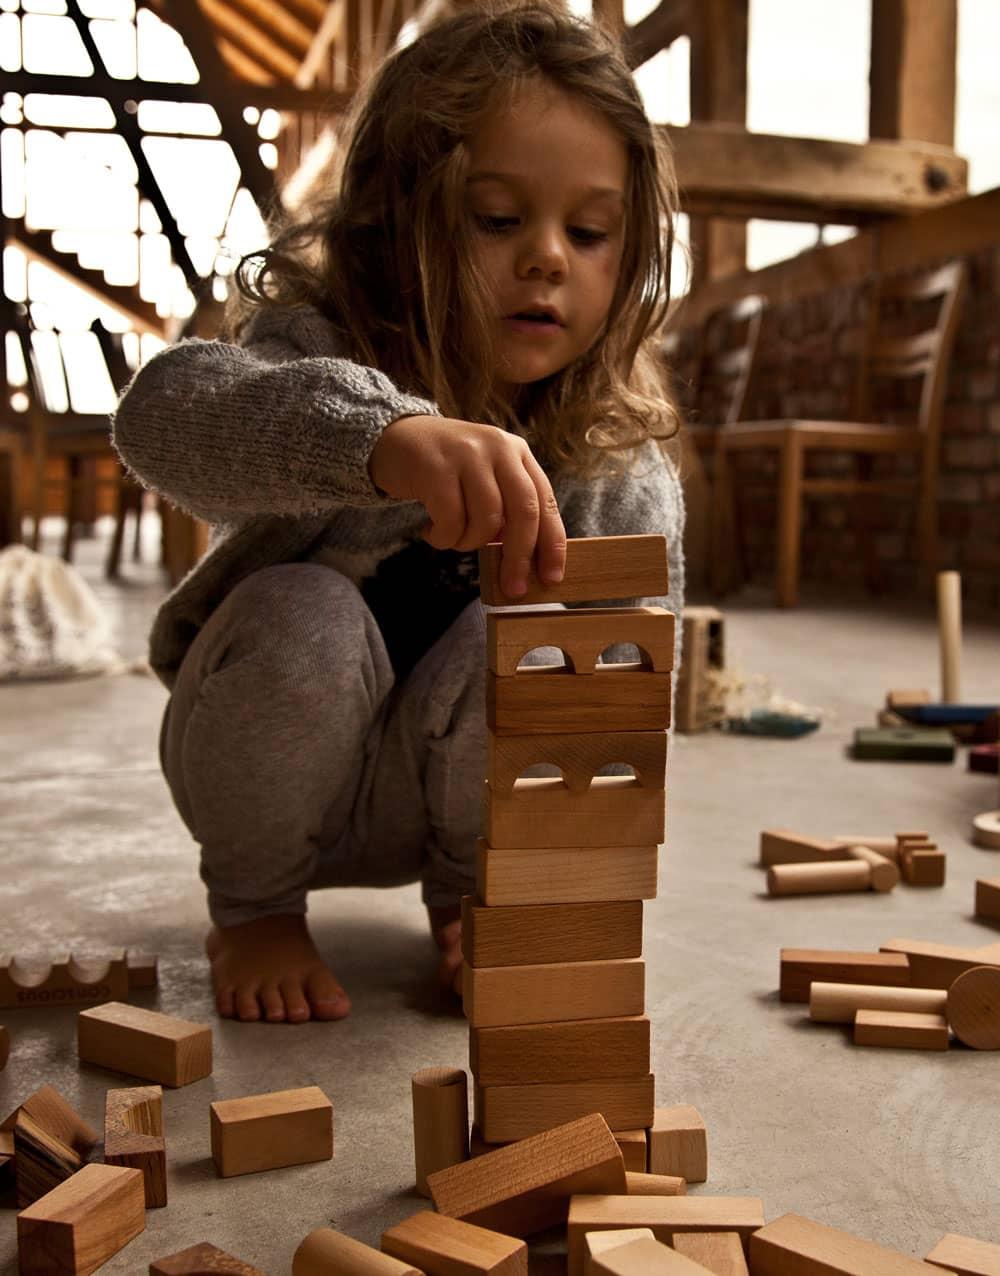 Torre con bloques de madera